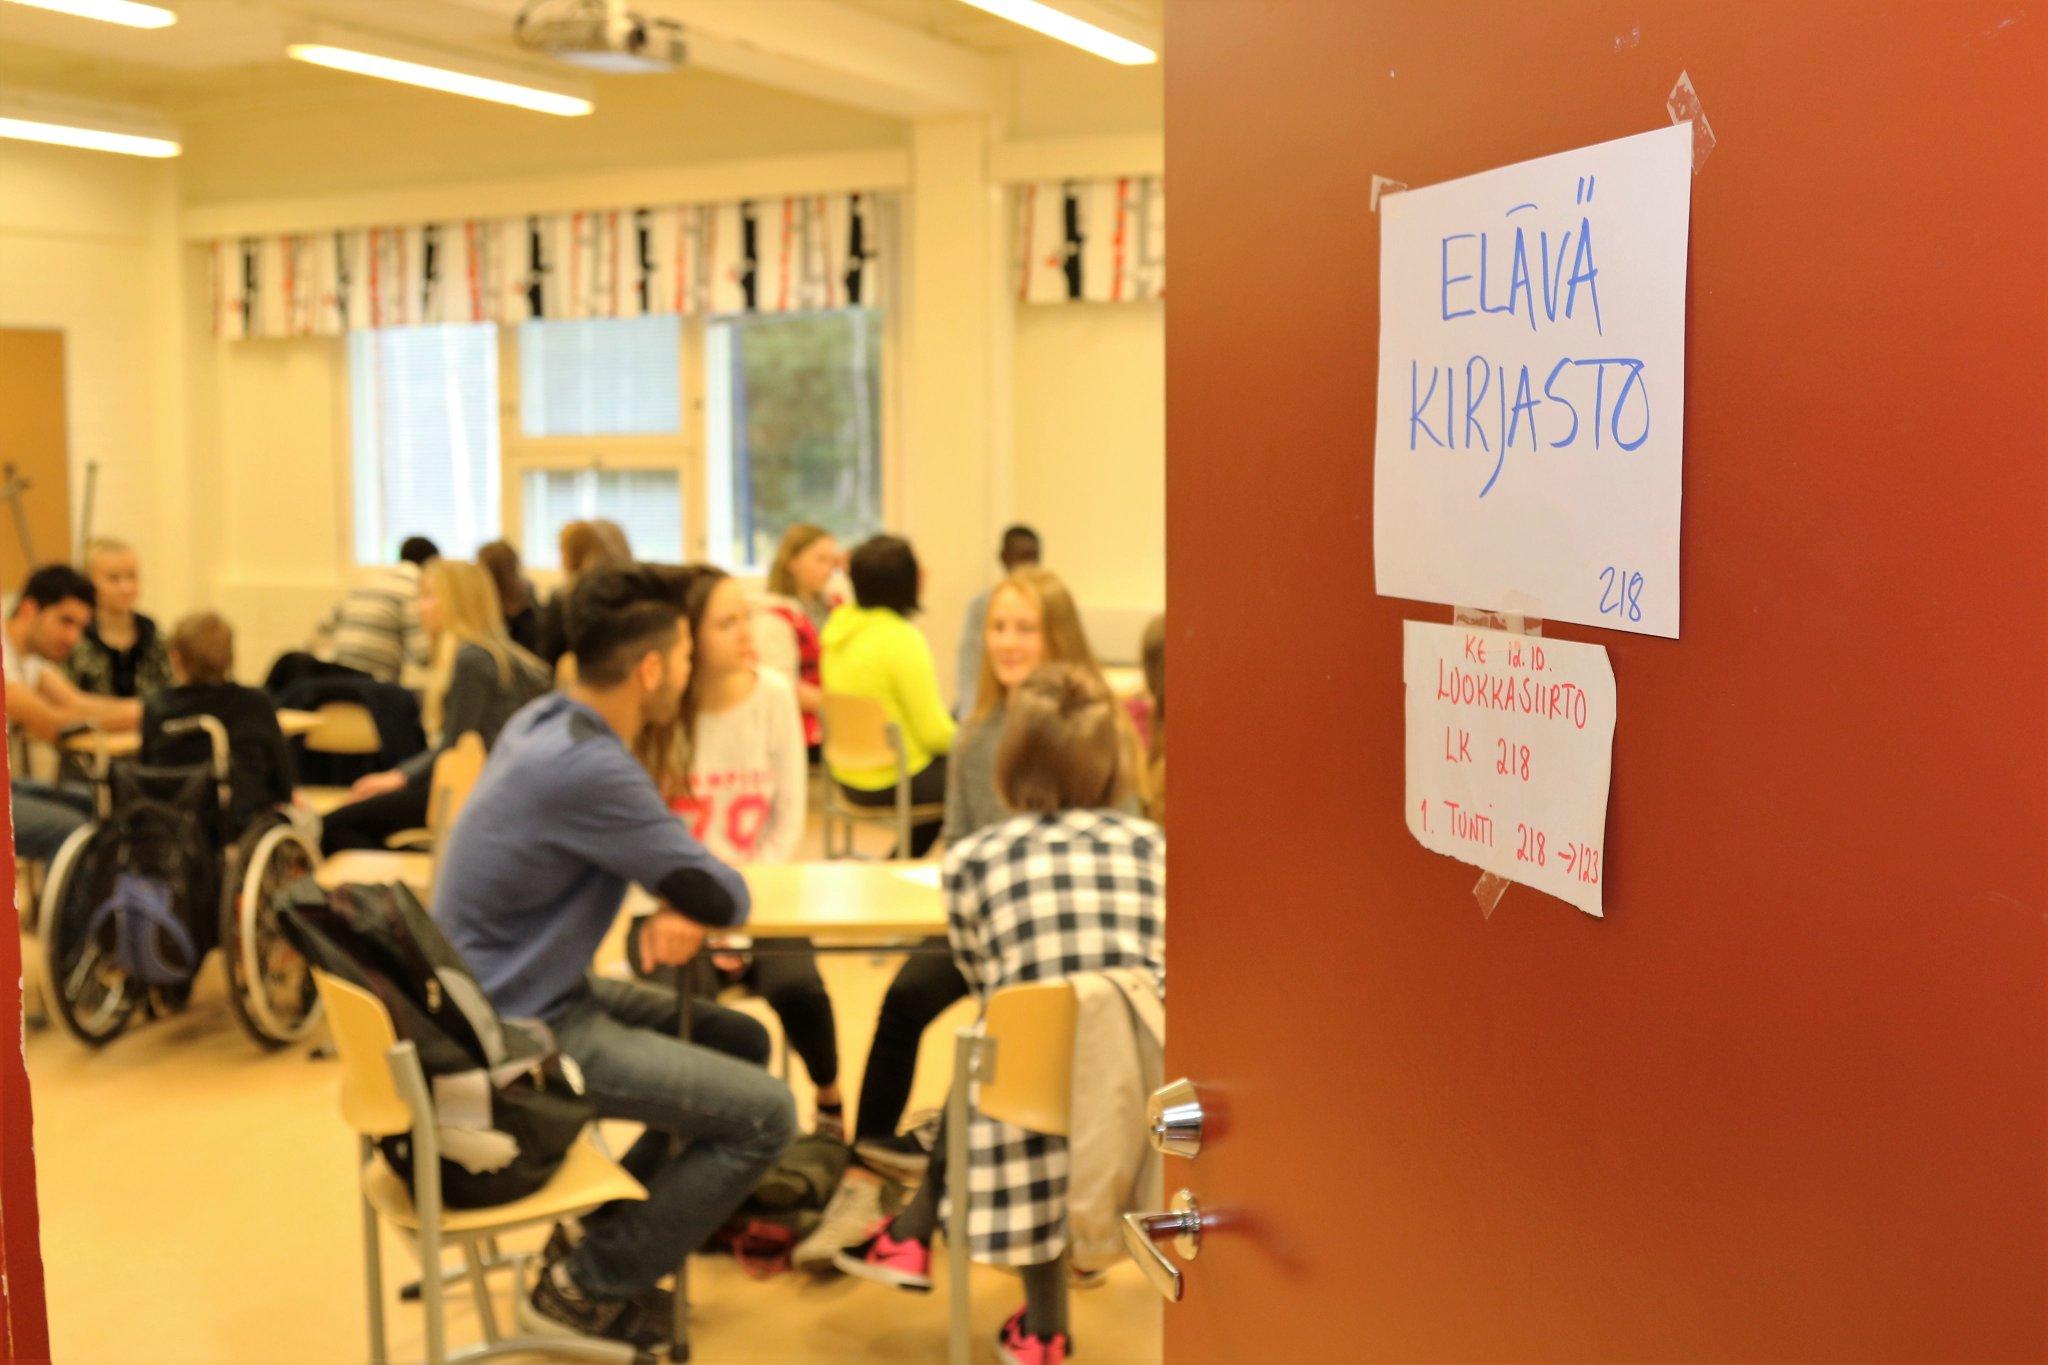 Oulun Normaalikoulu Ops